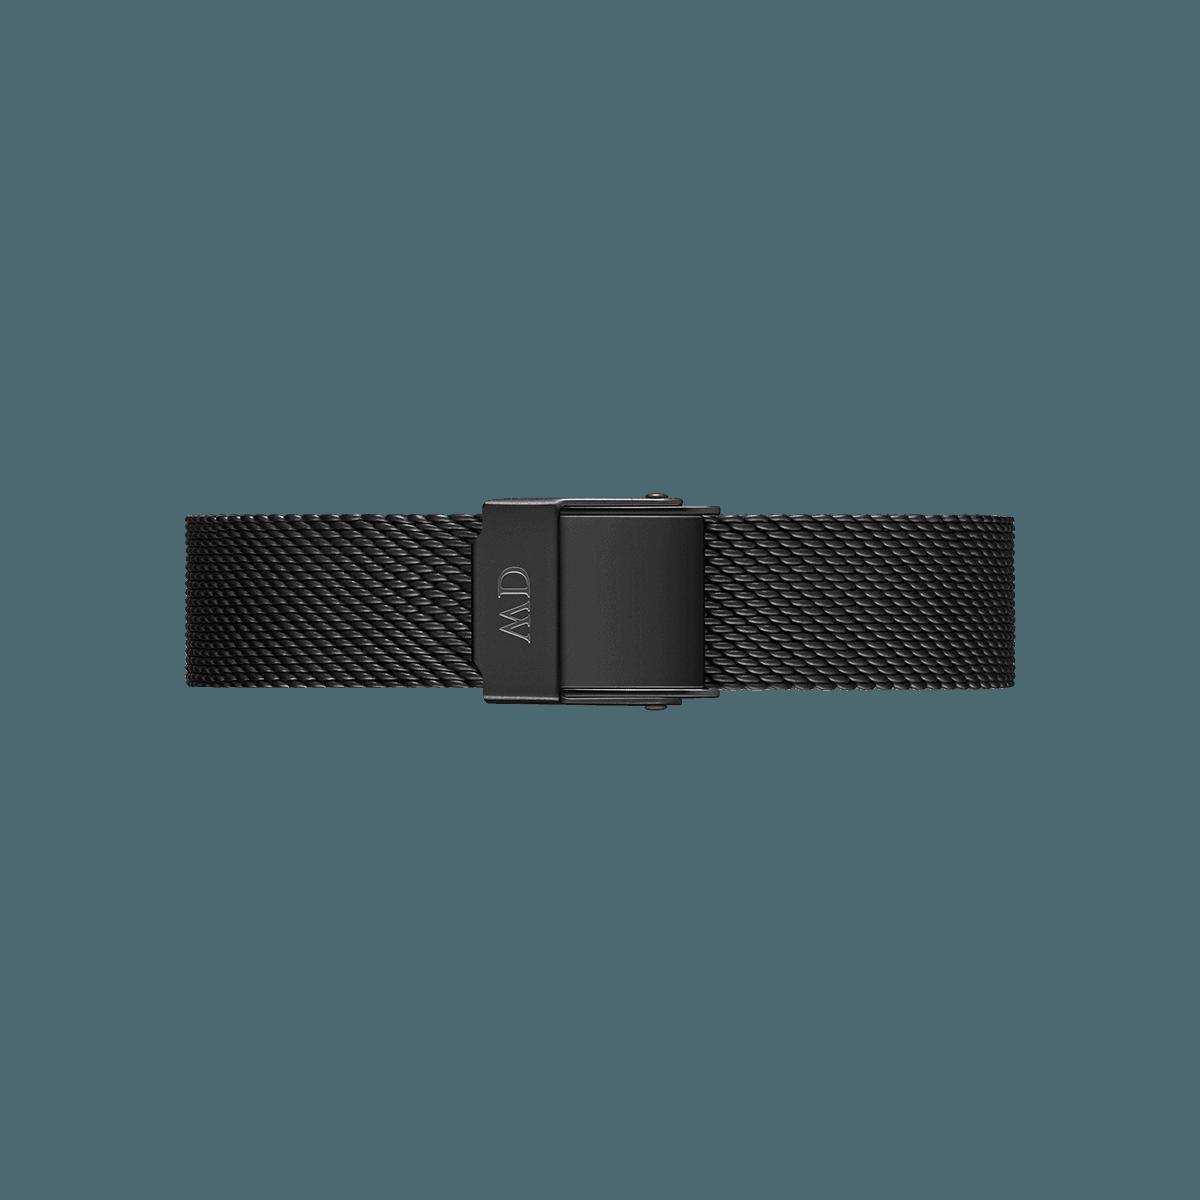 dw官网 dw手表官网 dw中国官网 dw官方旗舰店 DW DW官网  Watch band Petite 12mm Ashfield